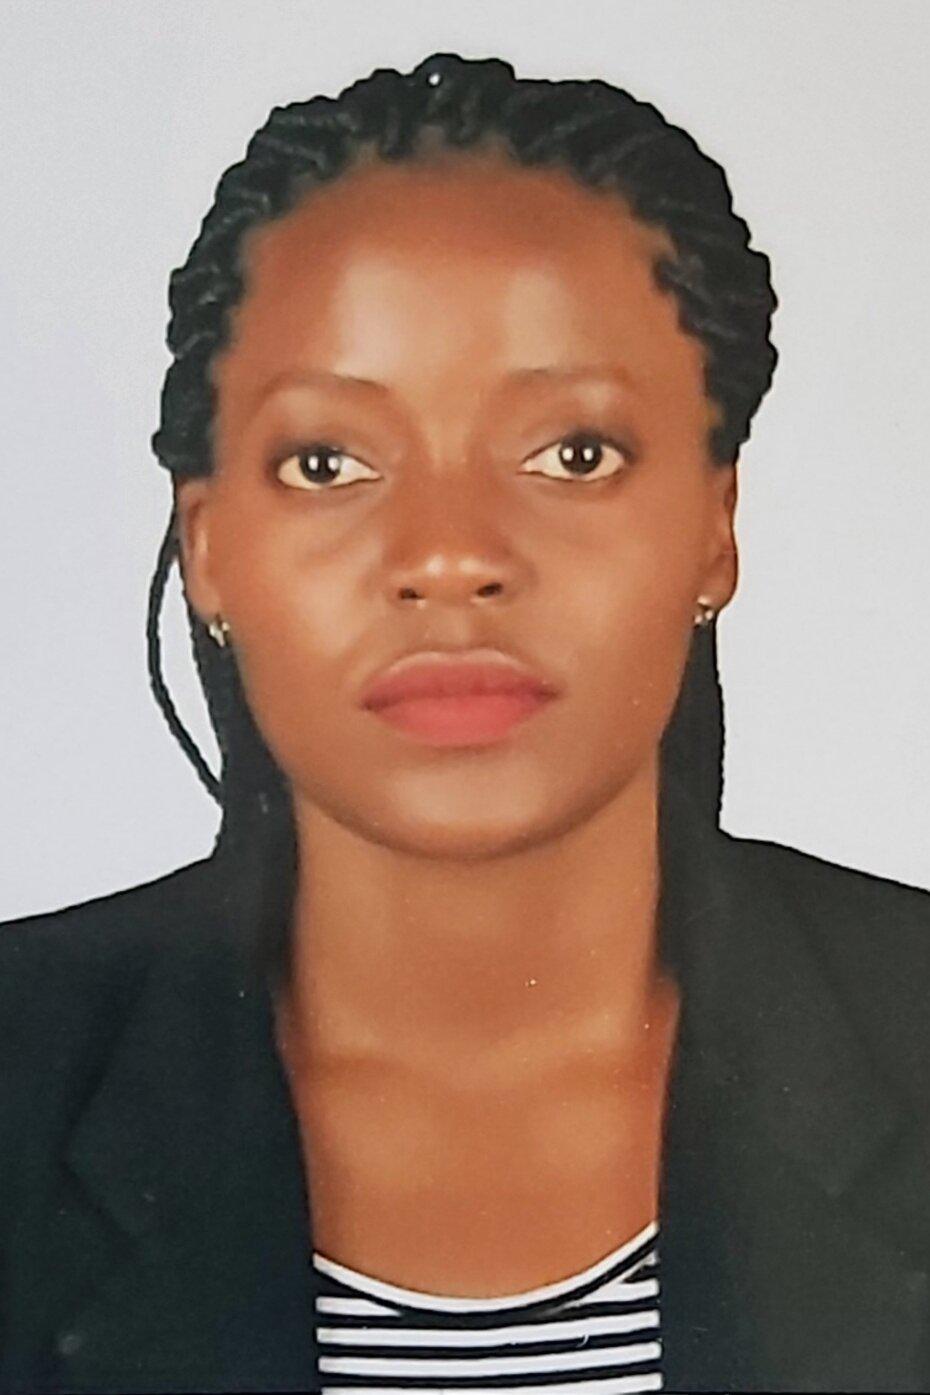 Ein Porträt von Jane Nakanwagi. Sie ist eine schwarze Frau, trägt lange Braids, ein weiß-schwarz gestreiftes Shirt und einen schwarzen Blazer